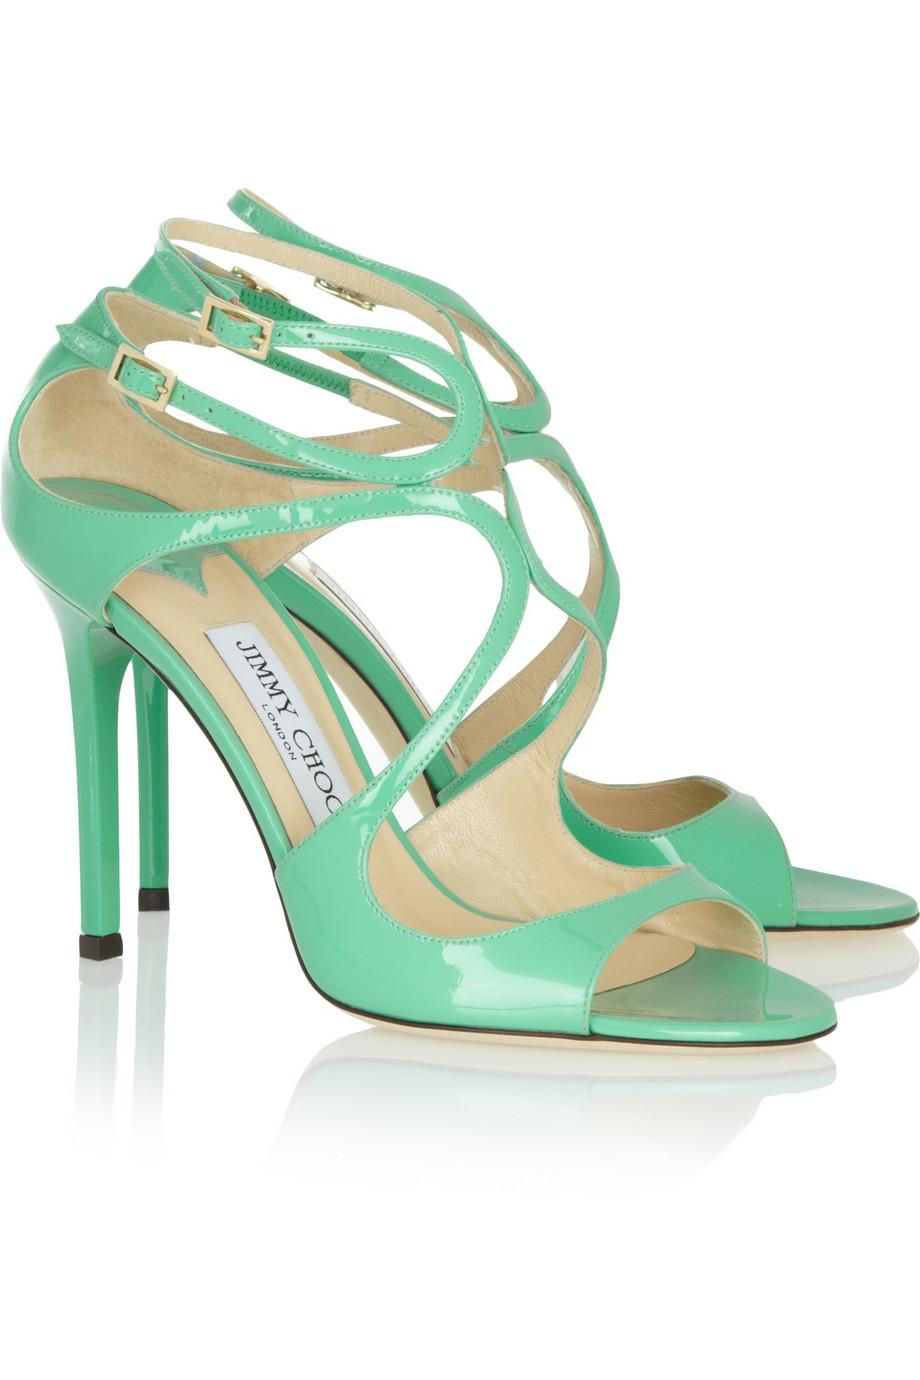 aruna seth jimmy choo wedding shoes jimmy choo